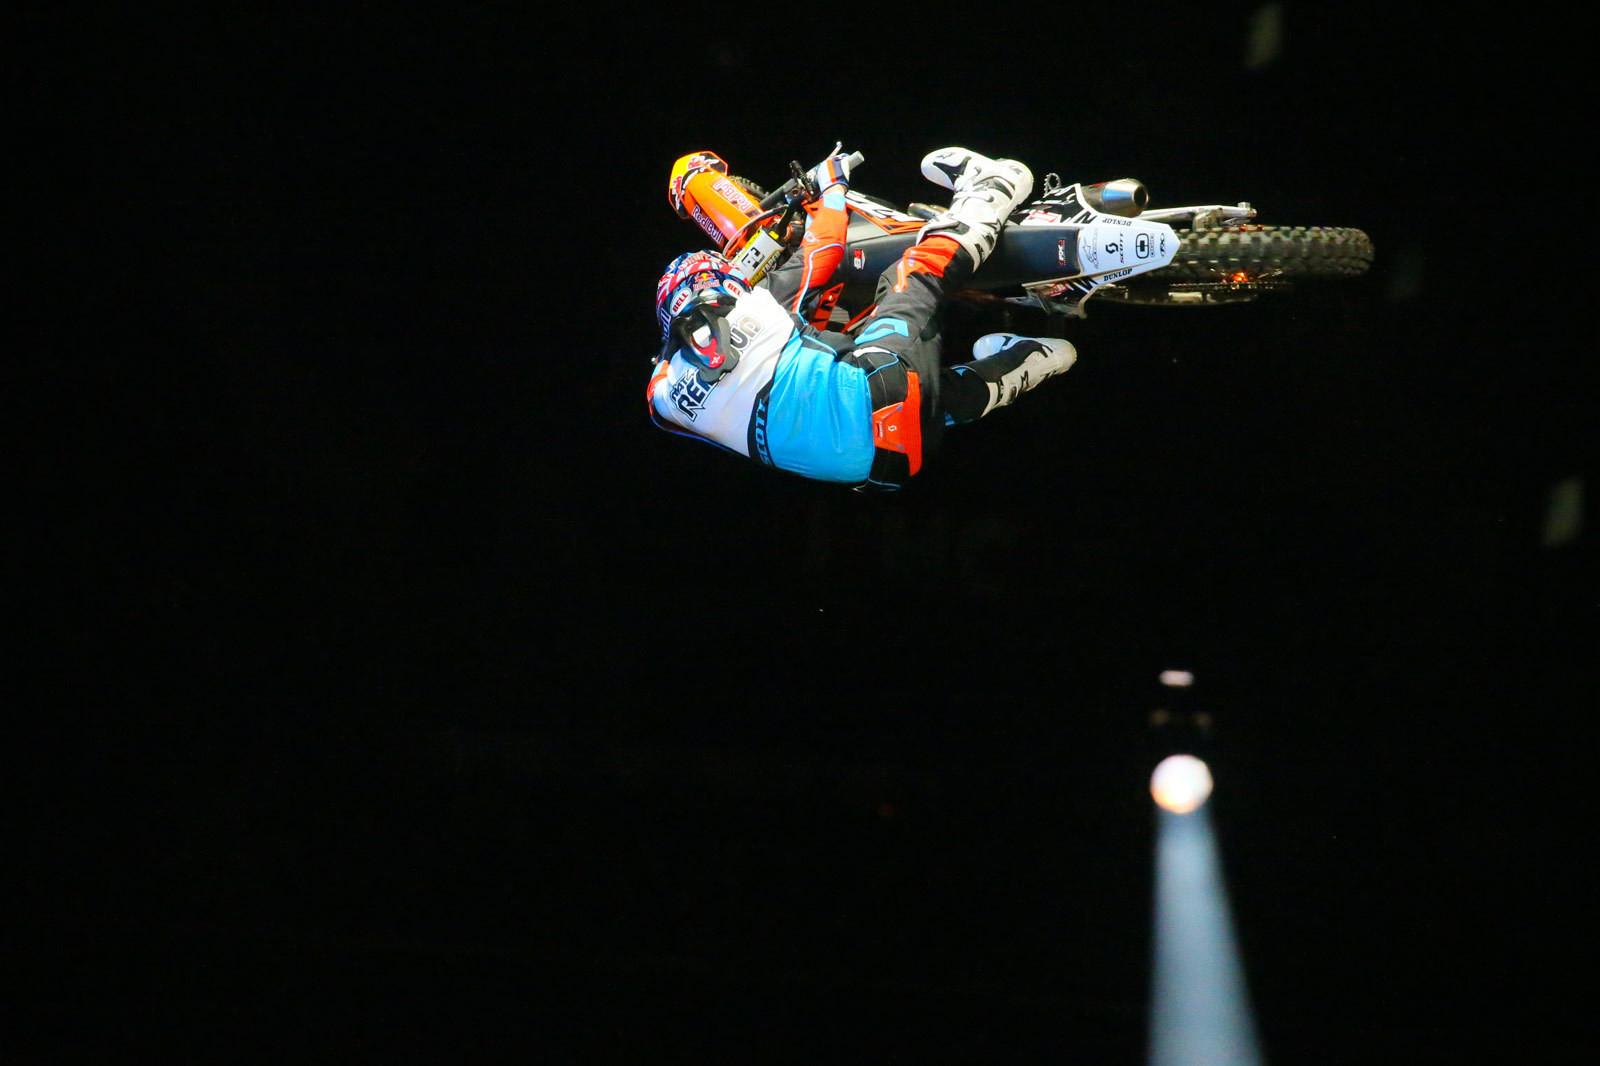 FMX - Photo Blast: Paris-Lille Supercross - Motocross Pictures - Vital MX